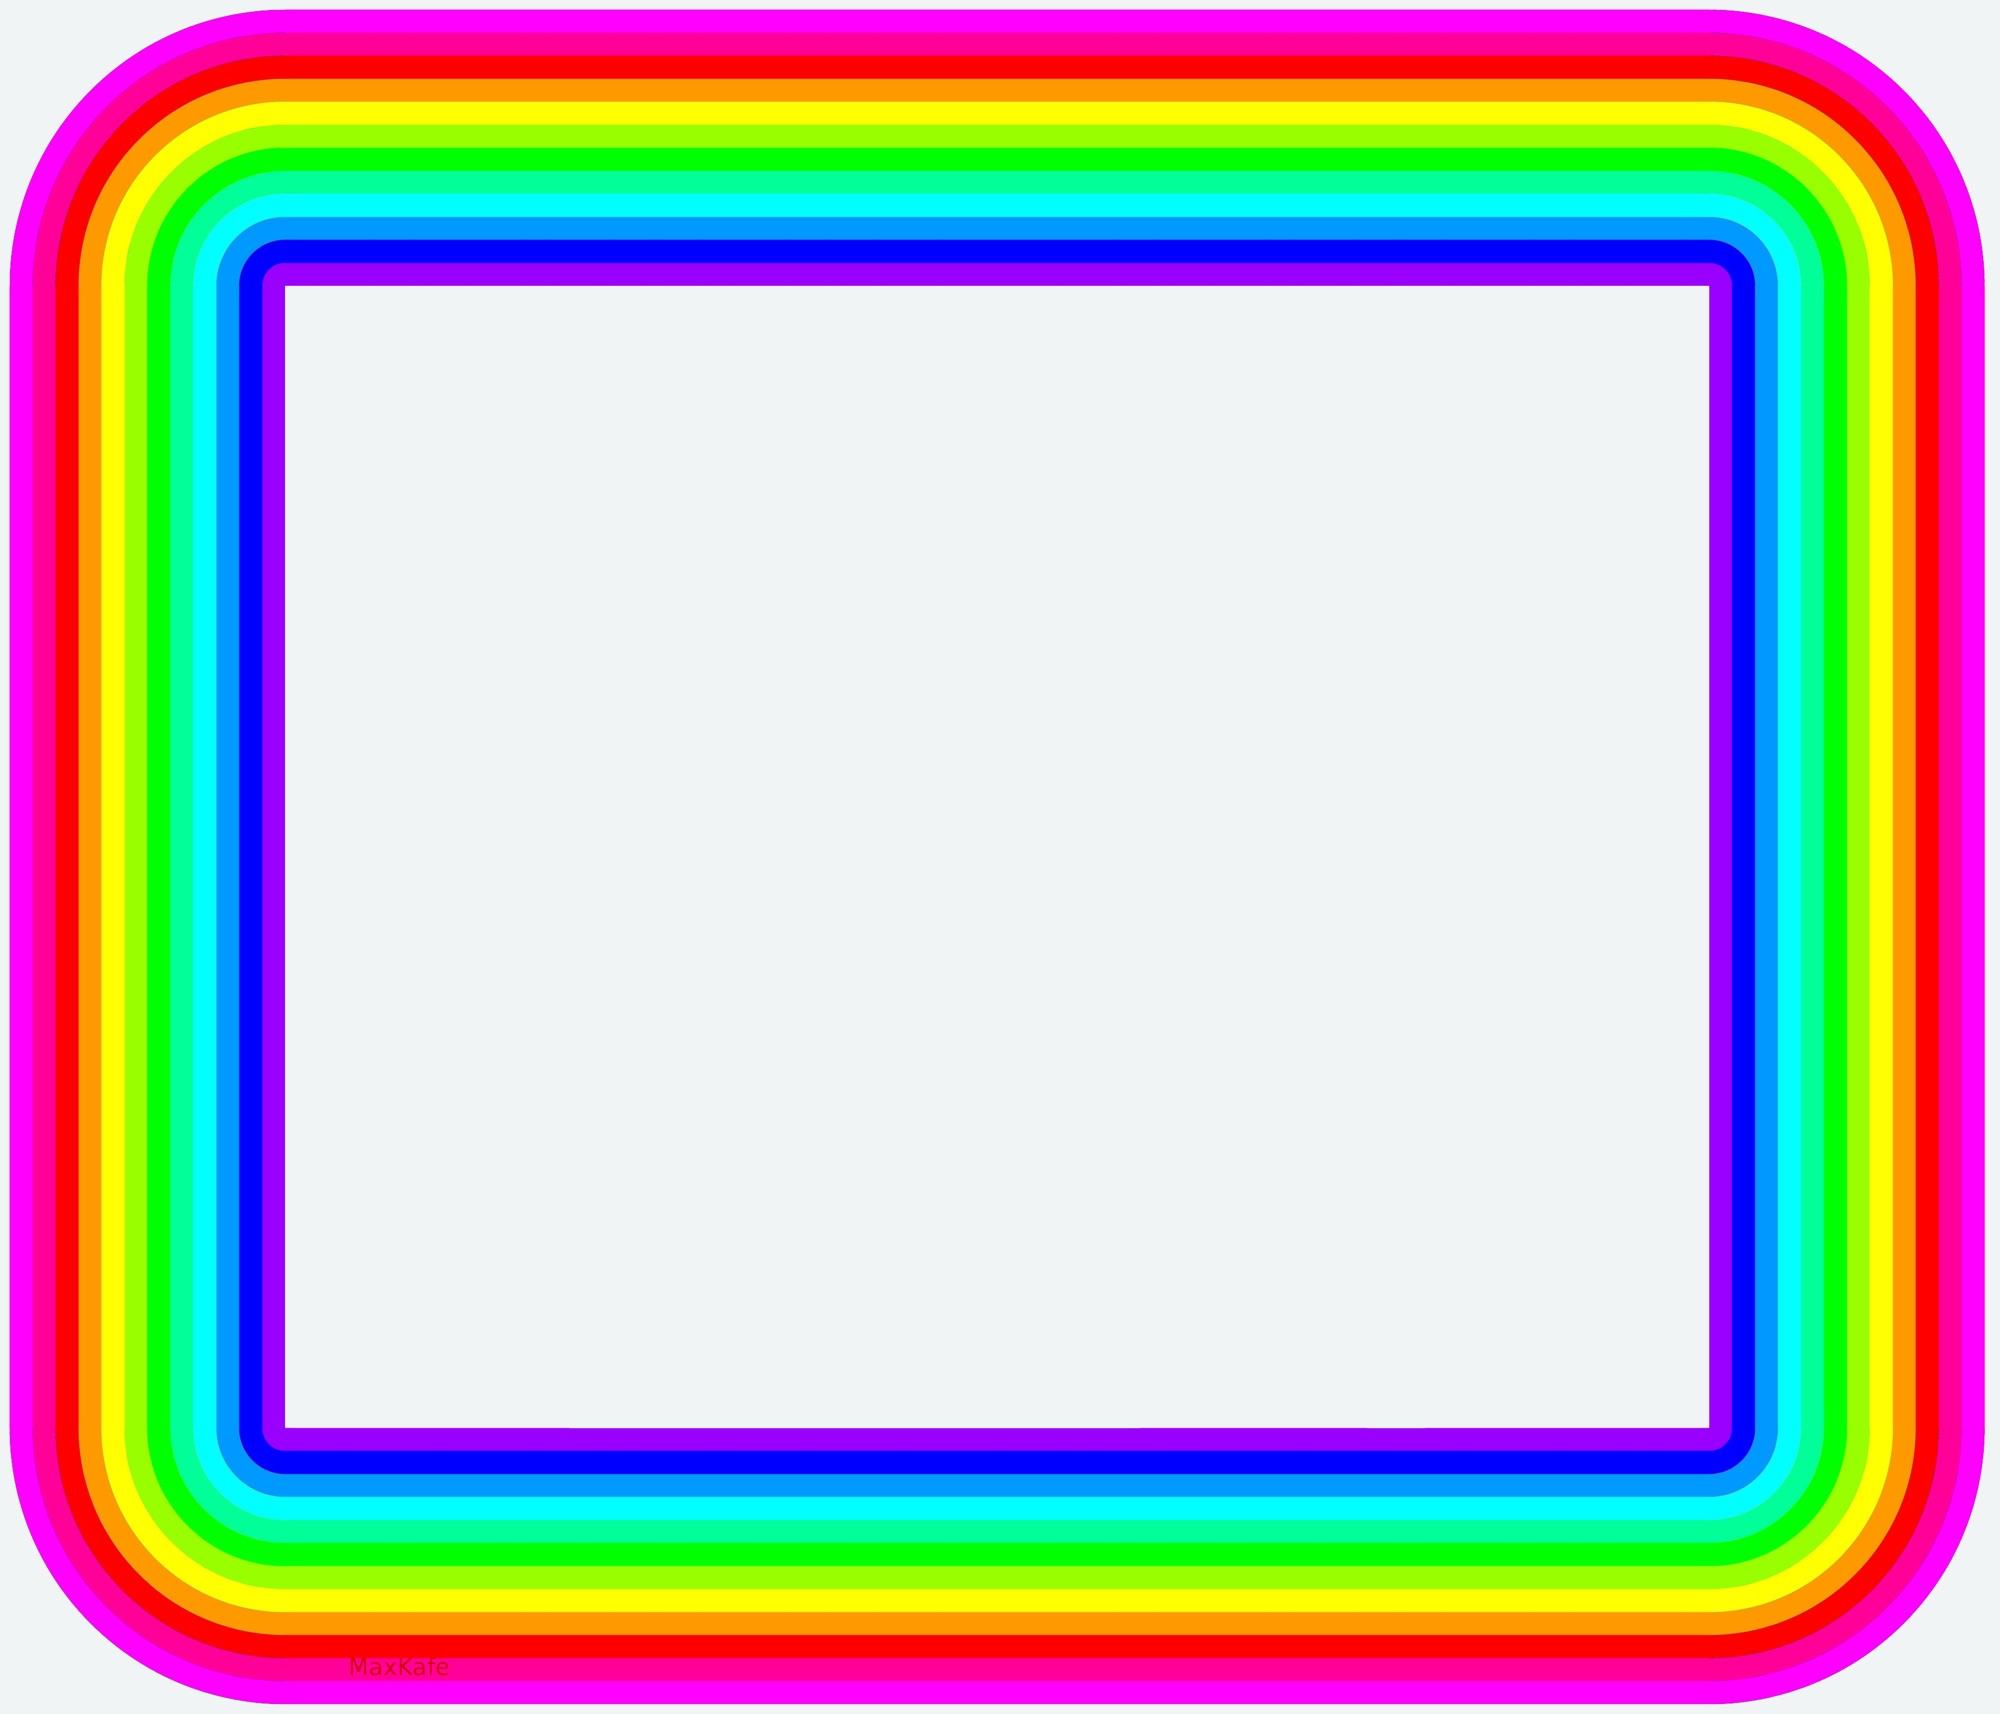 """MK16LFR4 Frame 6x7 RainbowTwo <a href=""""https://dl.orangedox.com/hJTSPY"""">[DOWNLOAD]</a>"""